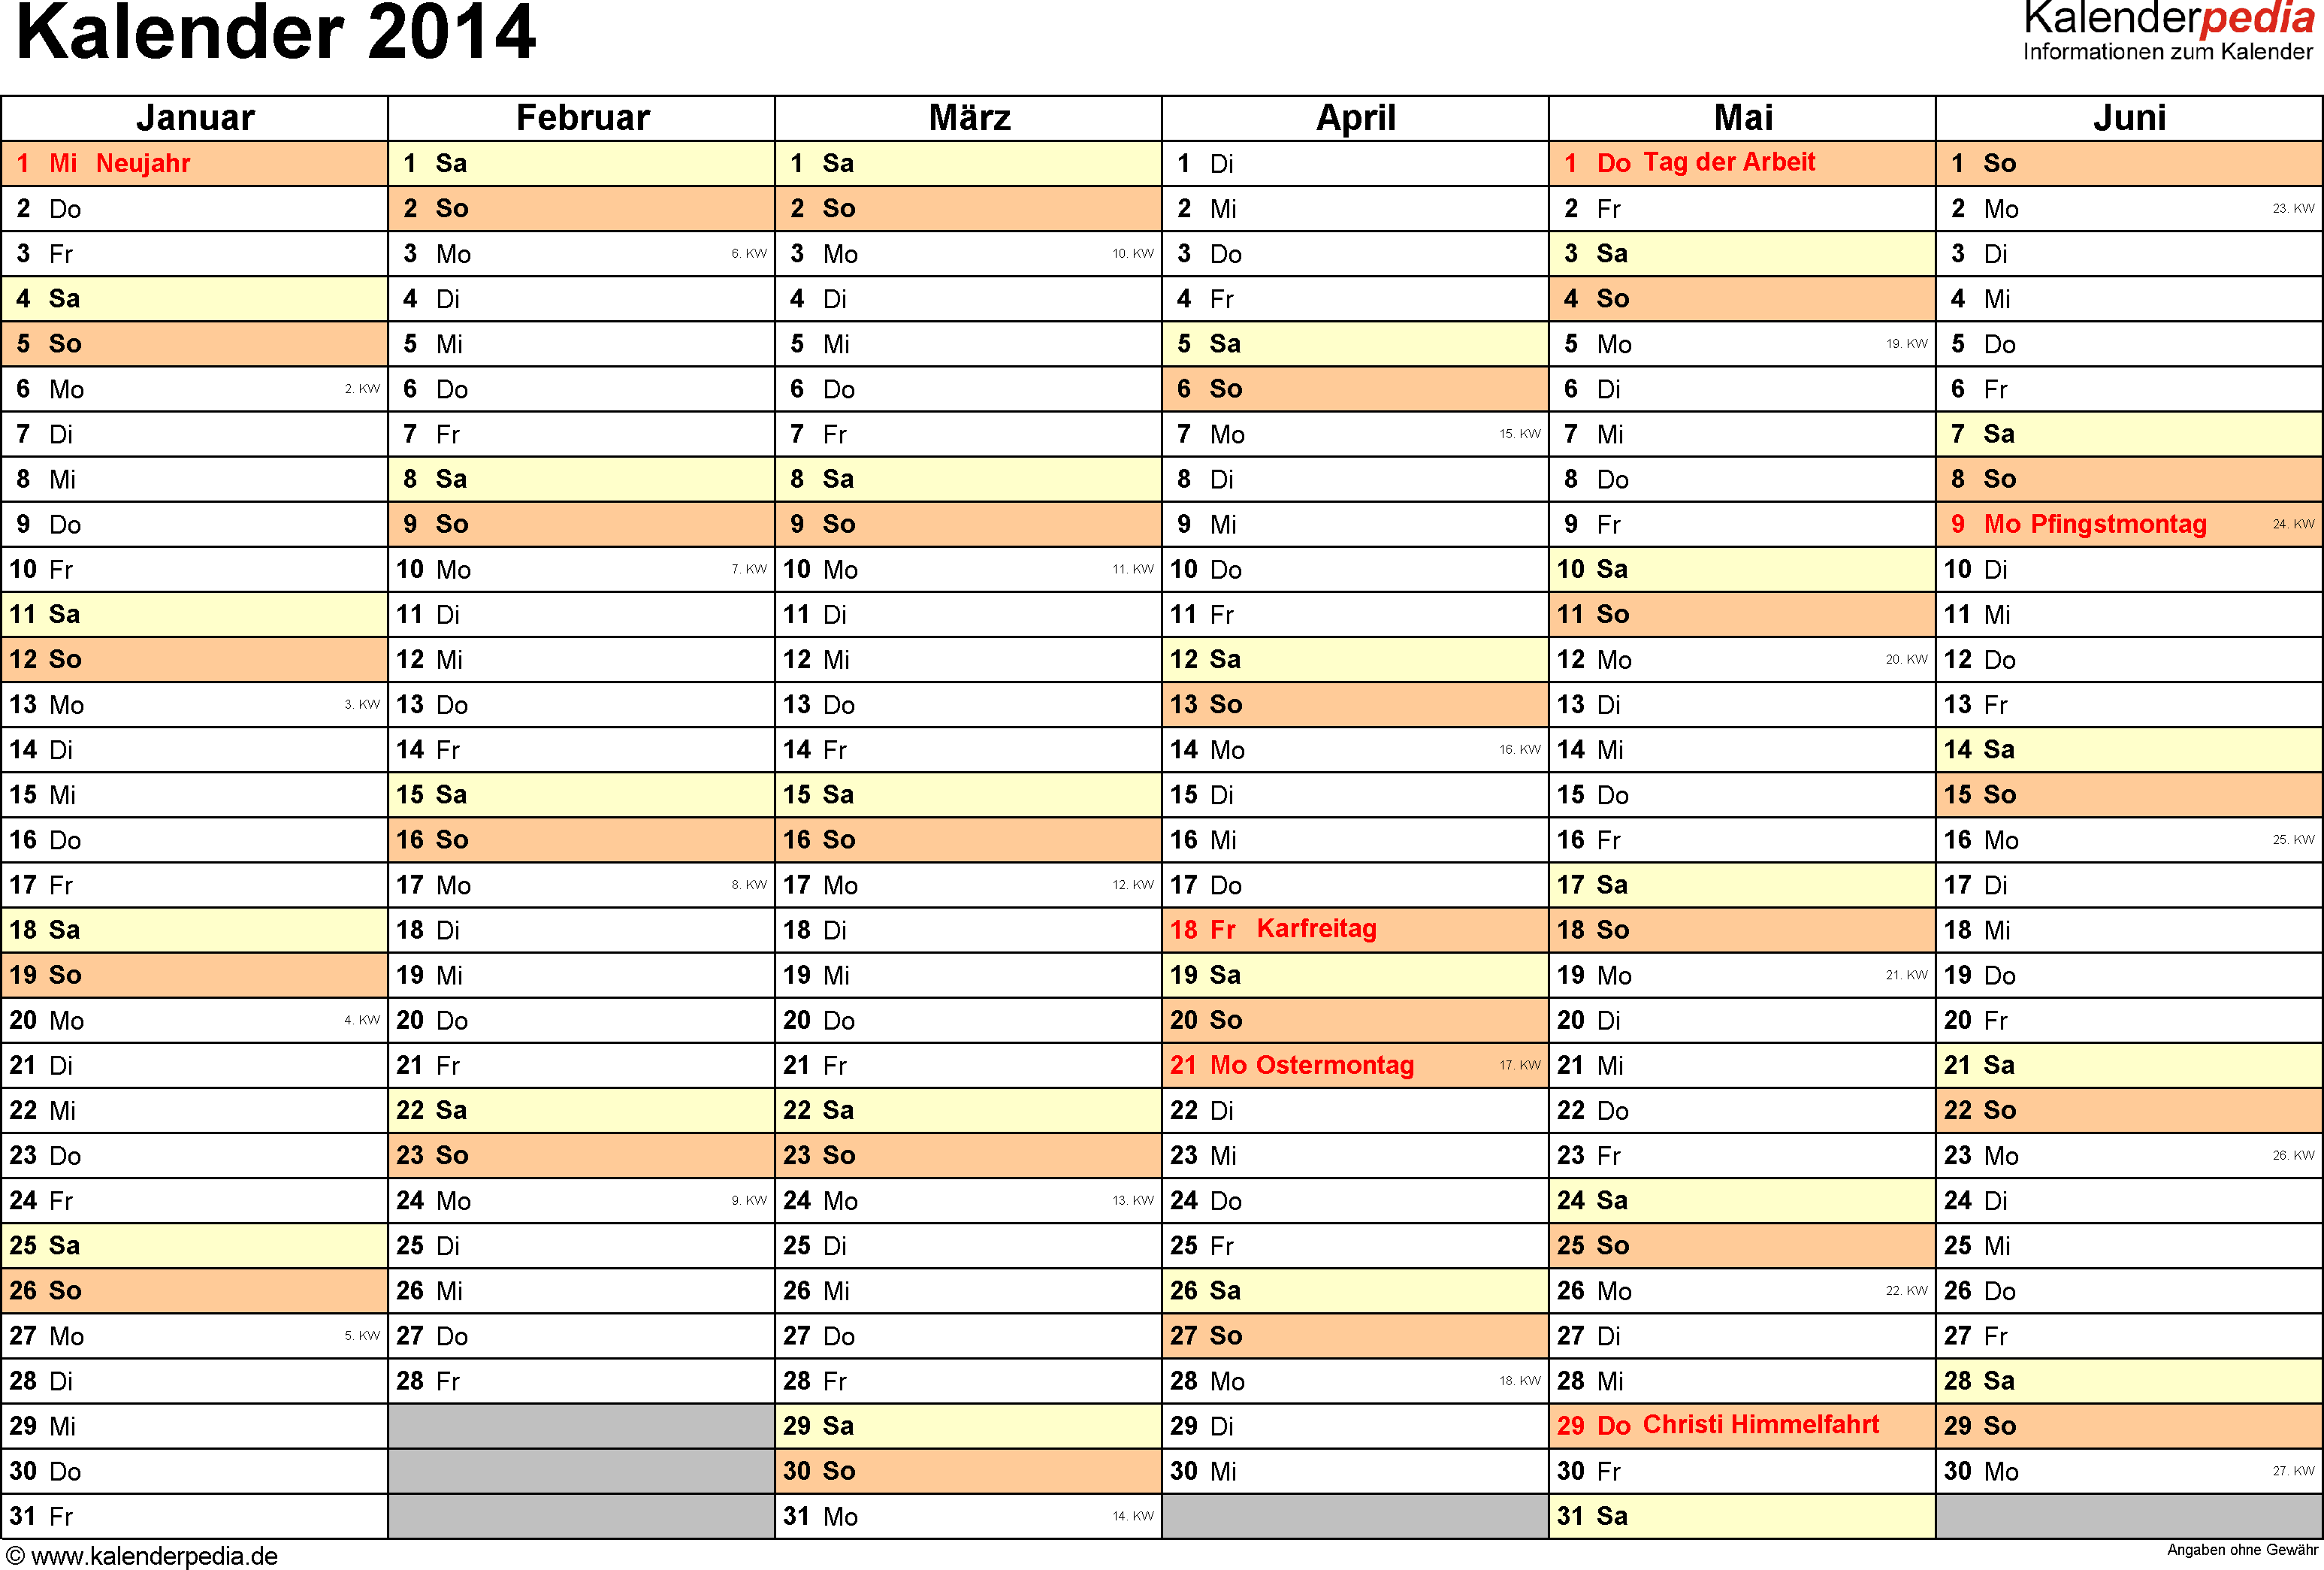 Vorlage 3: Kalender 2014 für Word, Querformat, 2 Seiten, 1. Halbjahr (Kalender Januar bis Juni 2014) & 2. Halbjahr (Kalender Juli bis Dezember 2014) auf einen Blick